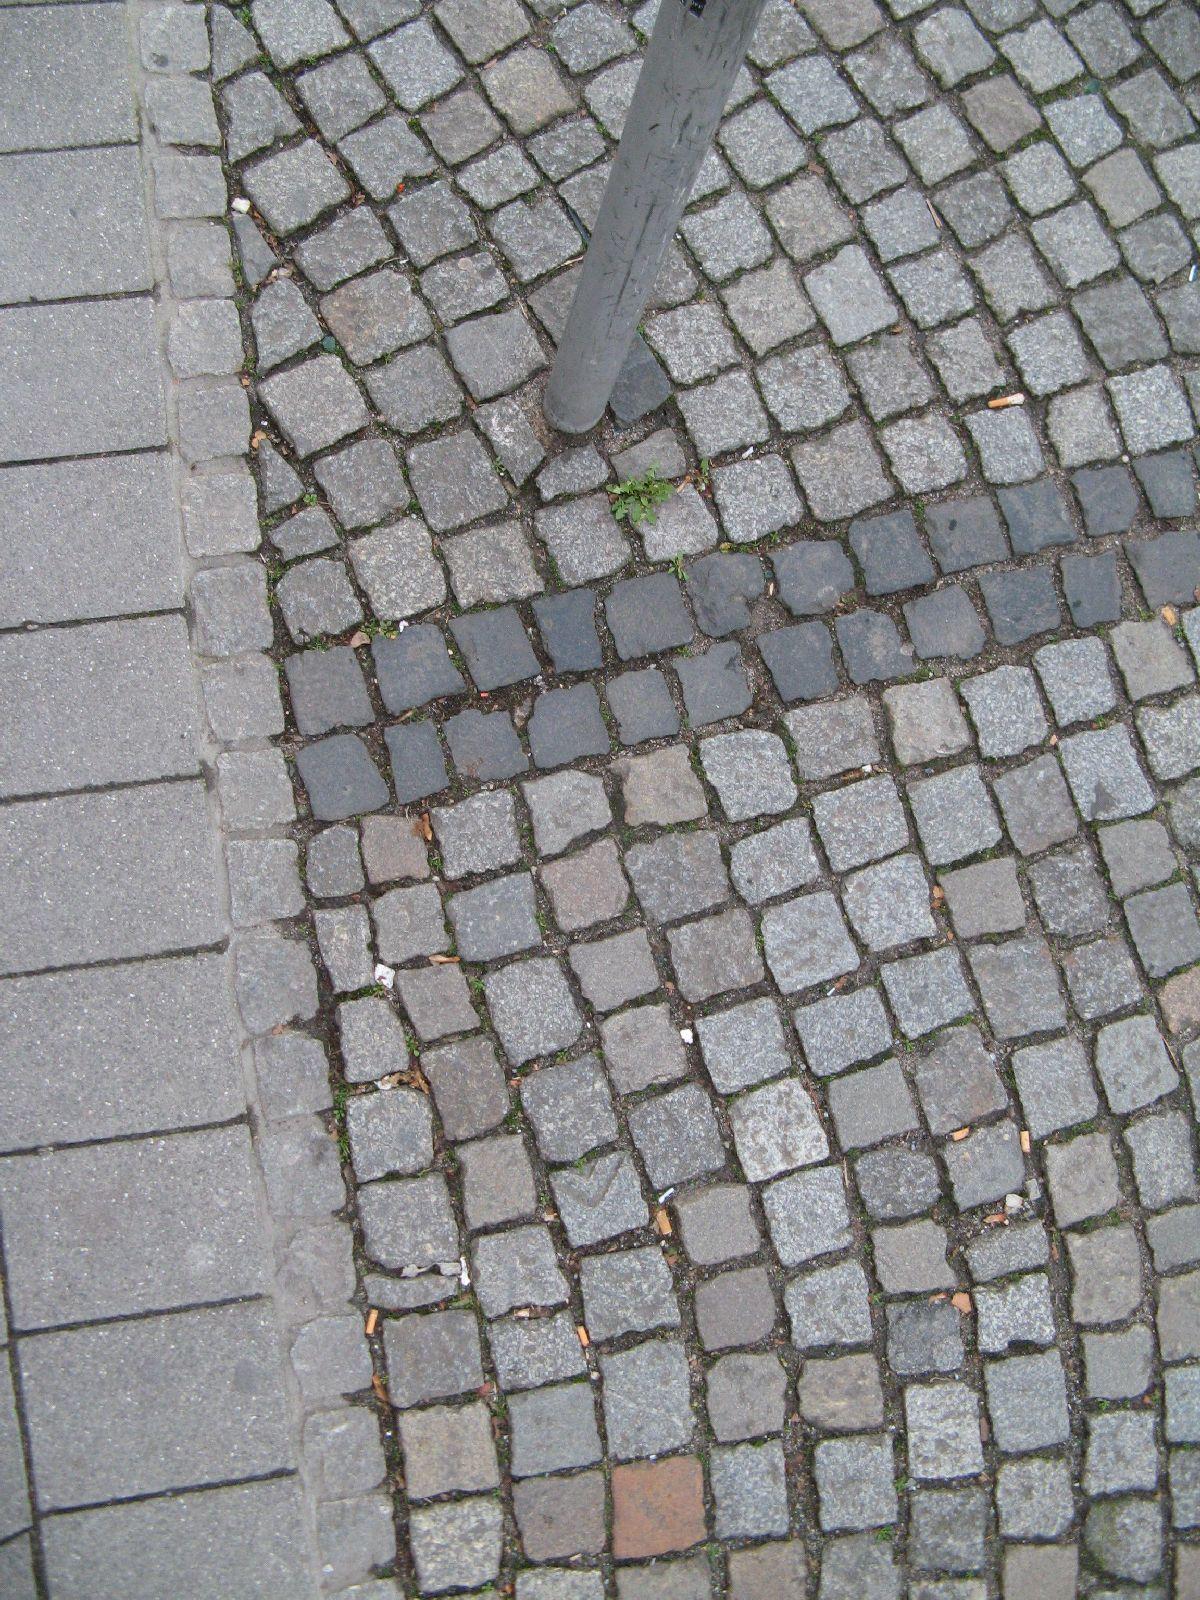 Ground-Urban_Texture_B_1112